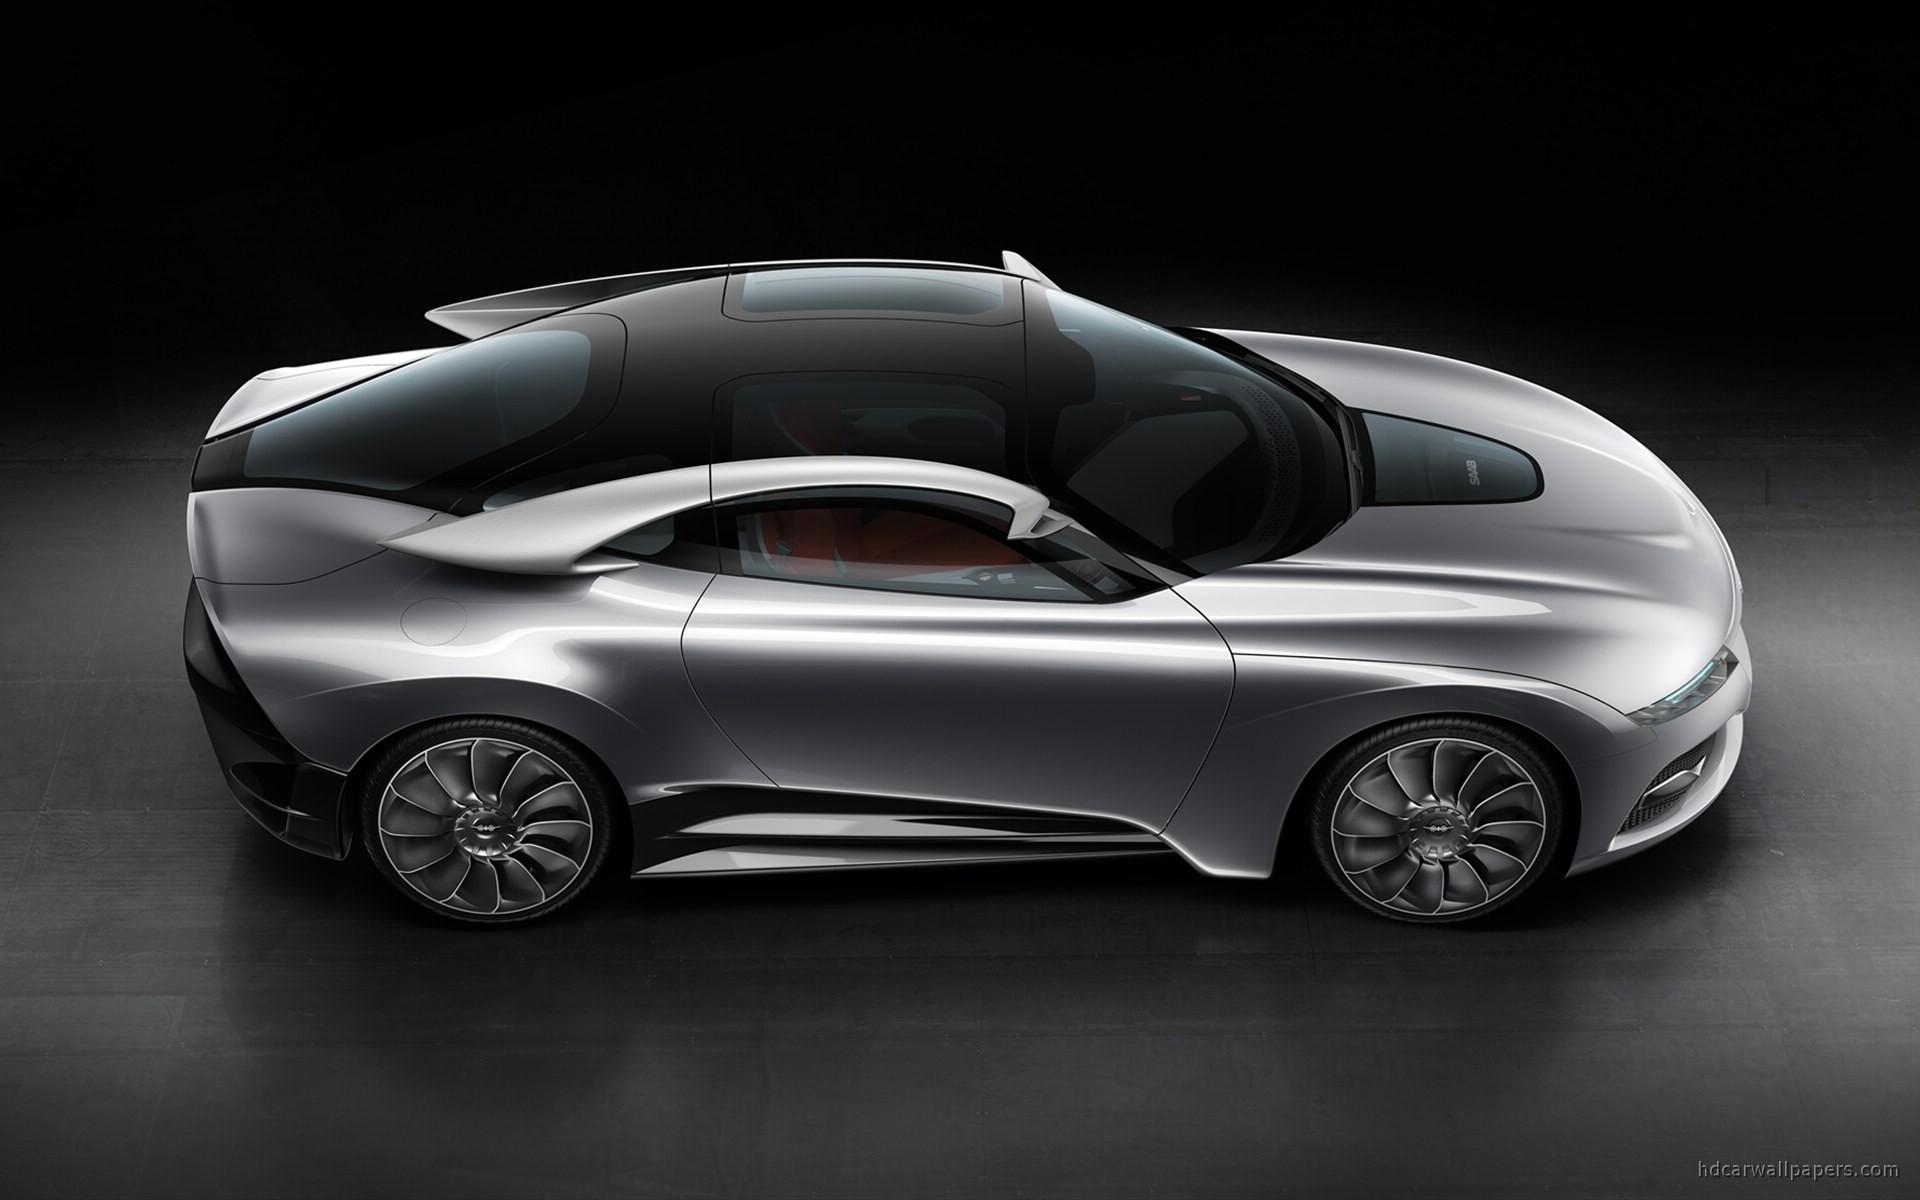 2011 saab phoenix concept car 2 wide